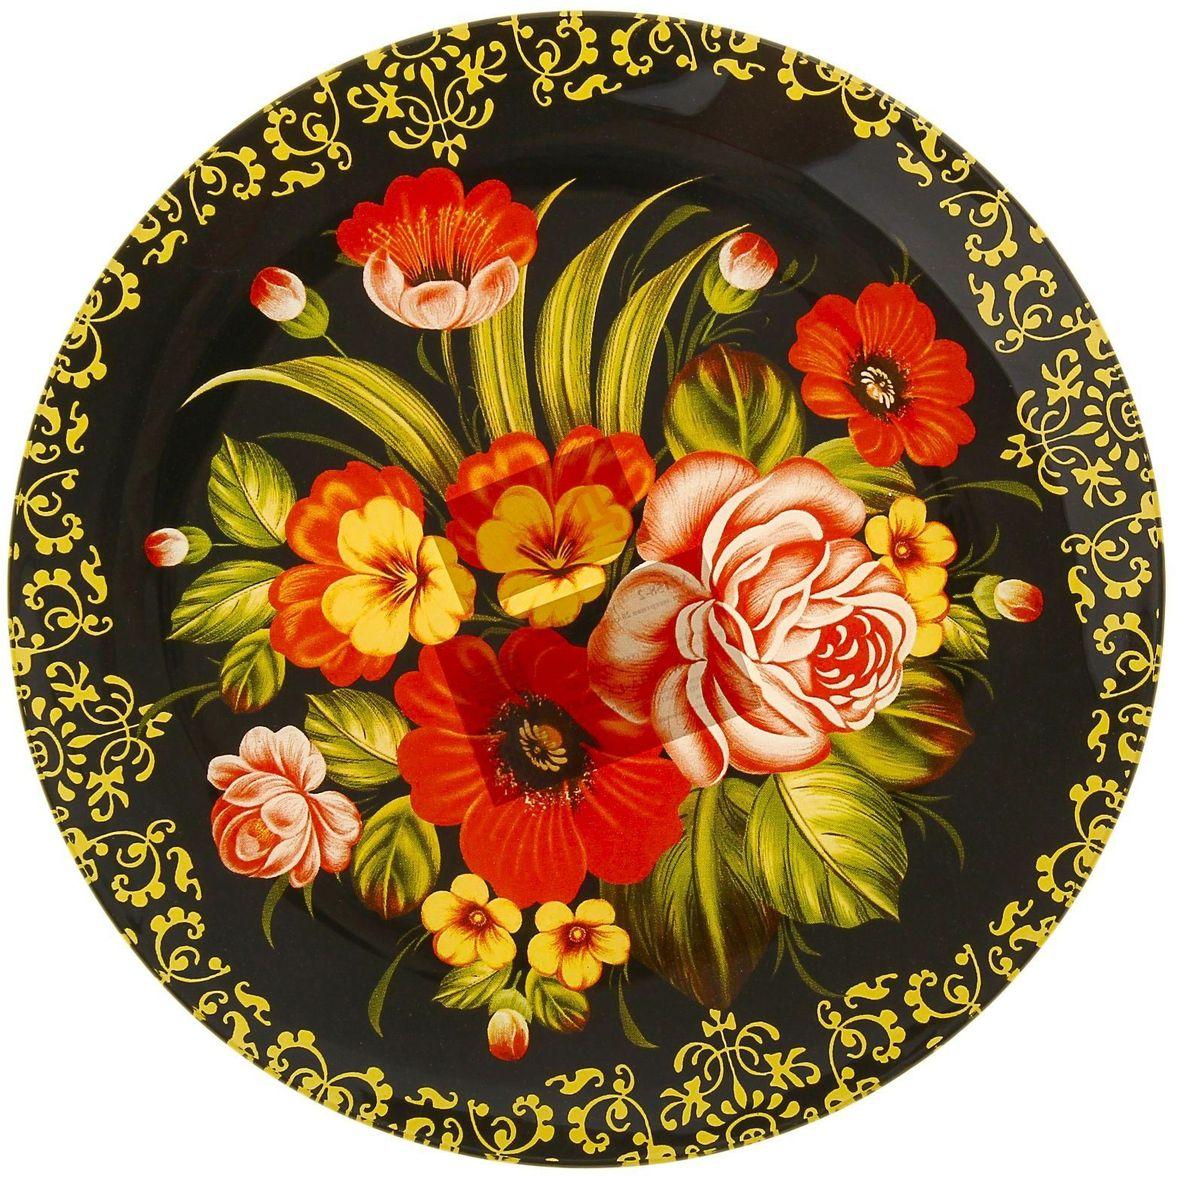 Тарелка десертная Доляна Русский узор, диаметр 20 см230465Столовая посуда с природными мотивами в оформлении разнообразит интерьер кухни и сделает застолье самобытным и запоминающимся. Достоинства: качественное стекло не впитывает запахов; гладкая поверхность обеспечивает лёгкость мытья; яркий дизайн порадует ценителей стиля фолк. Рекомендуется избегать использования абразивных моющих средств. Делайте любимый дом уютнее!